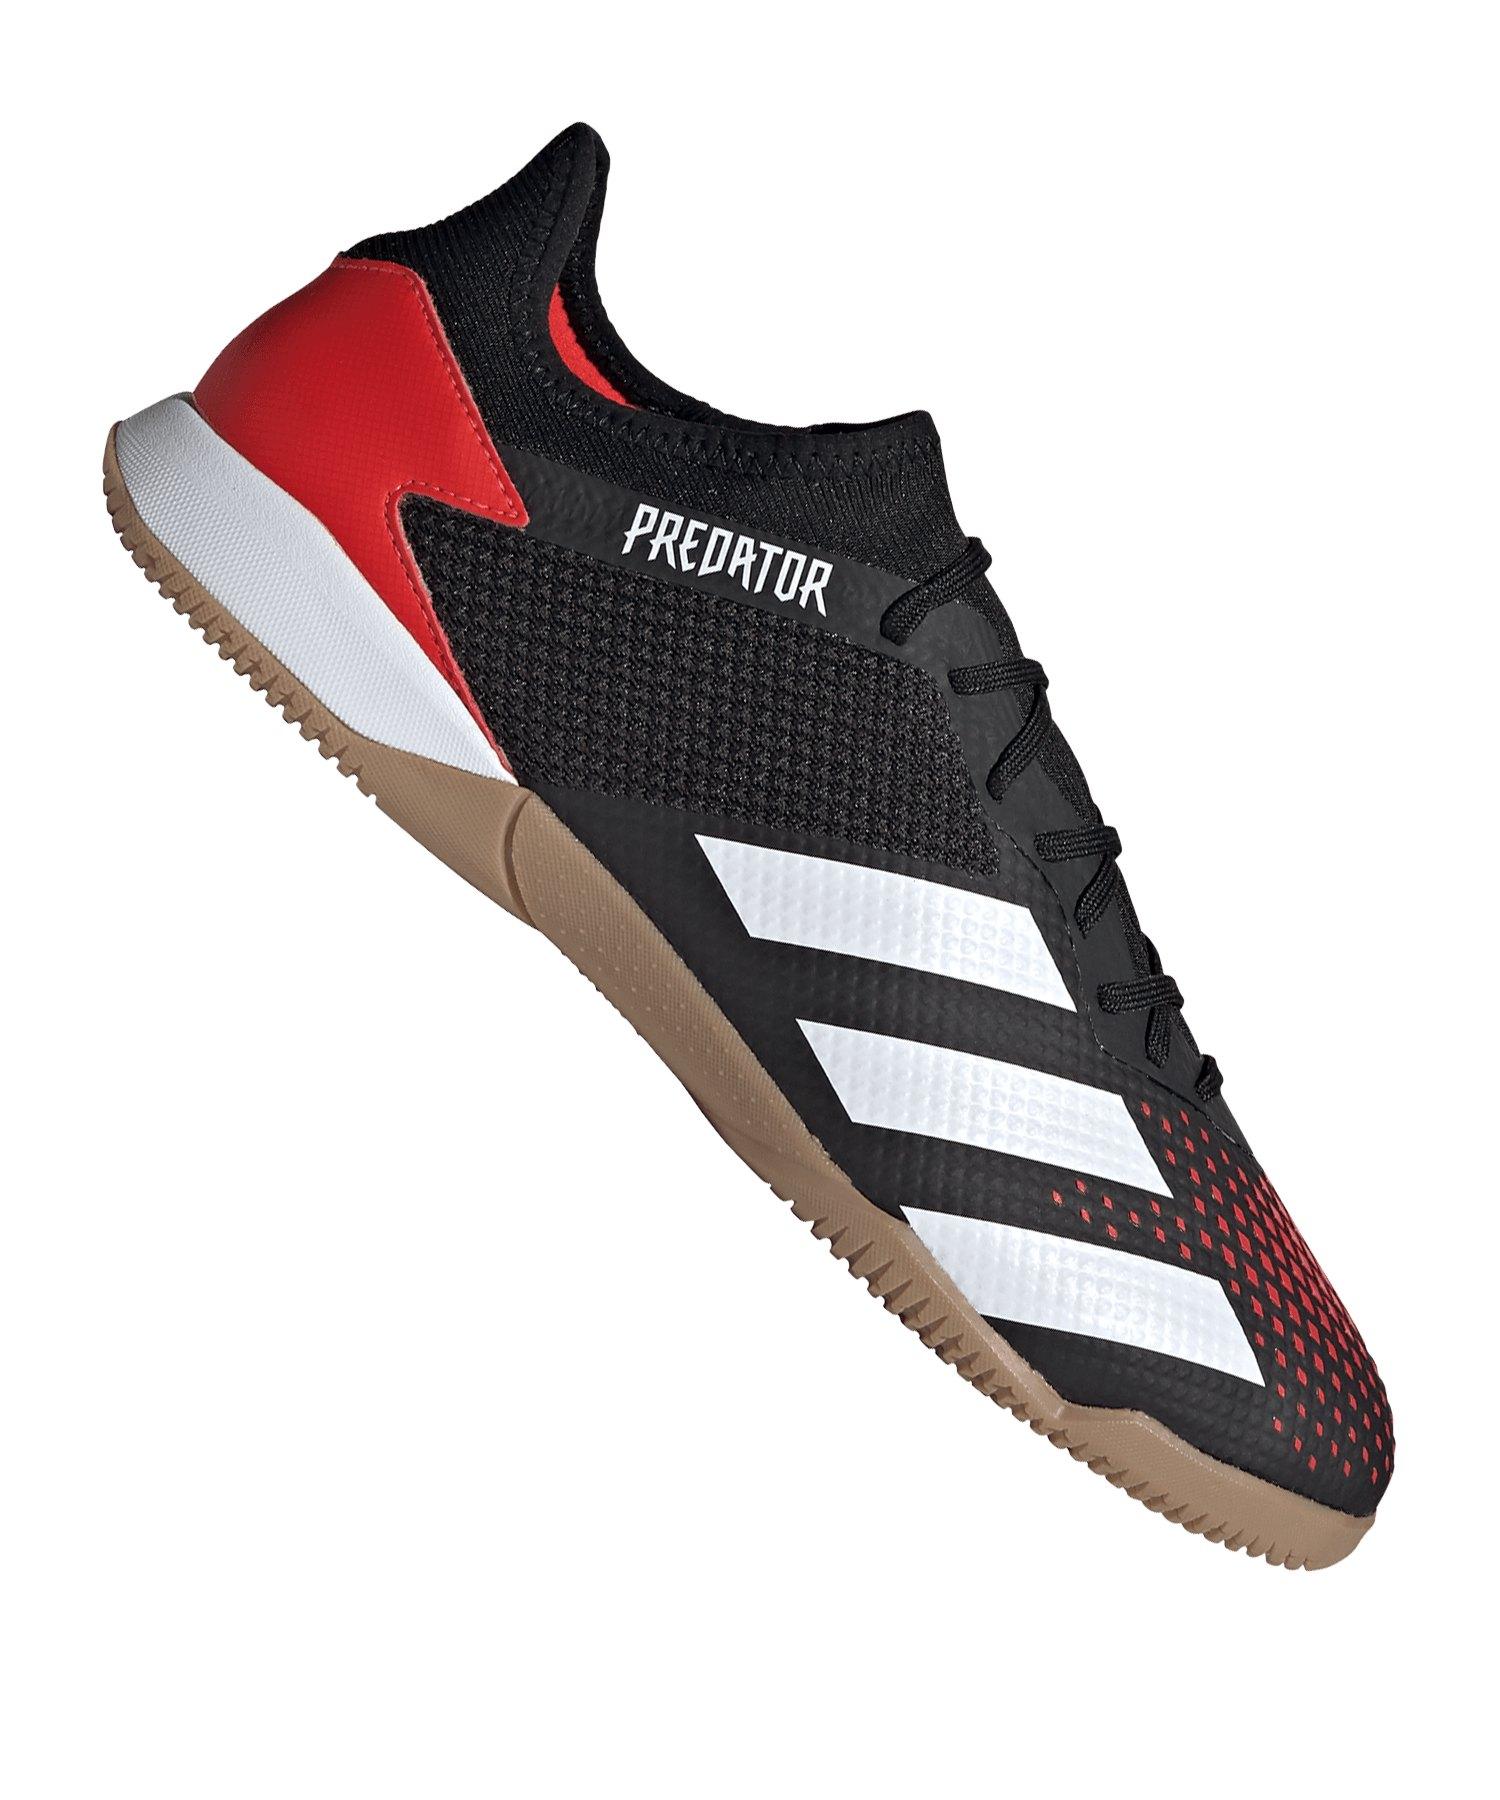 adidas Predator Mutator 20.3 L IN Halle Rot Schwarz - rot